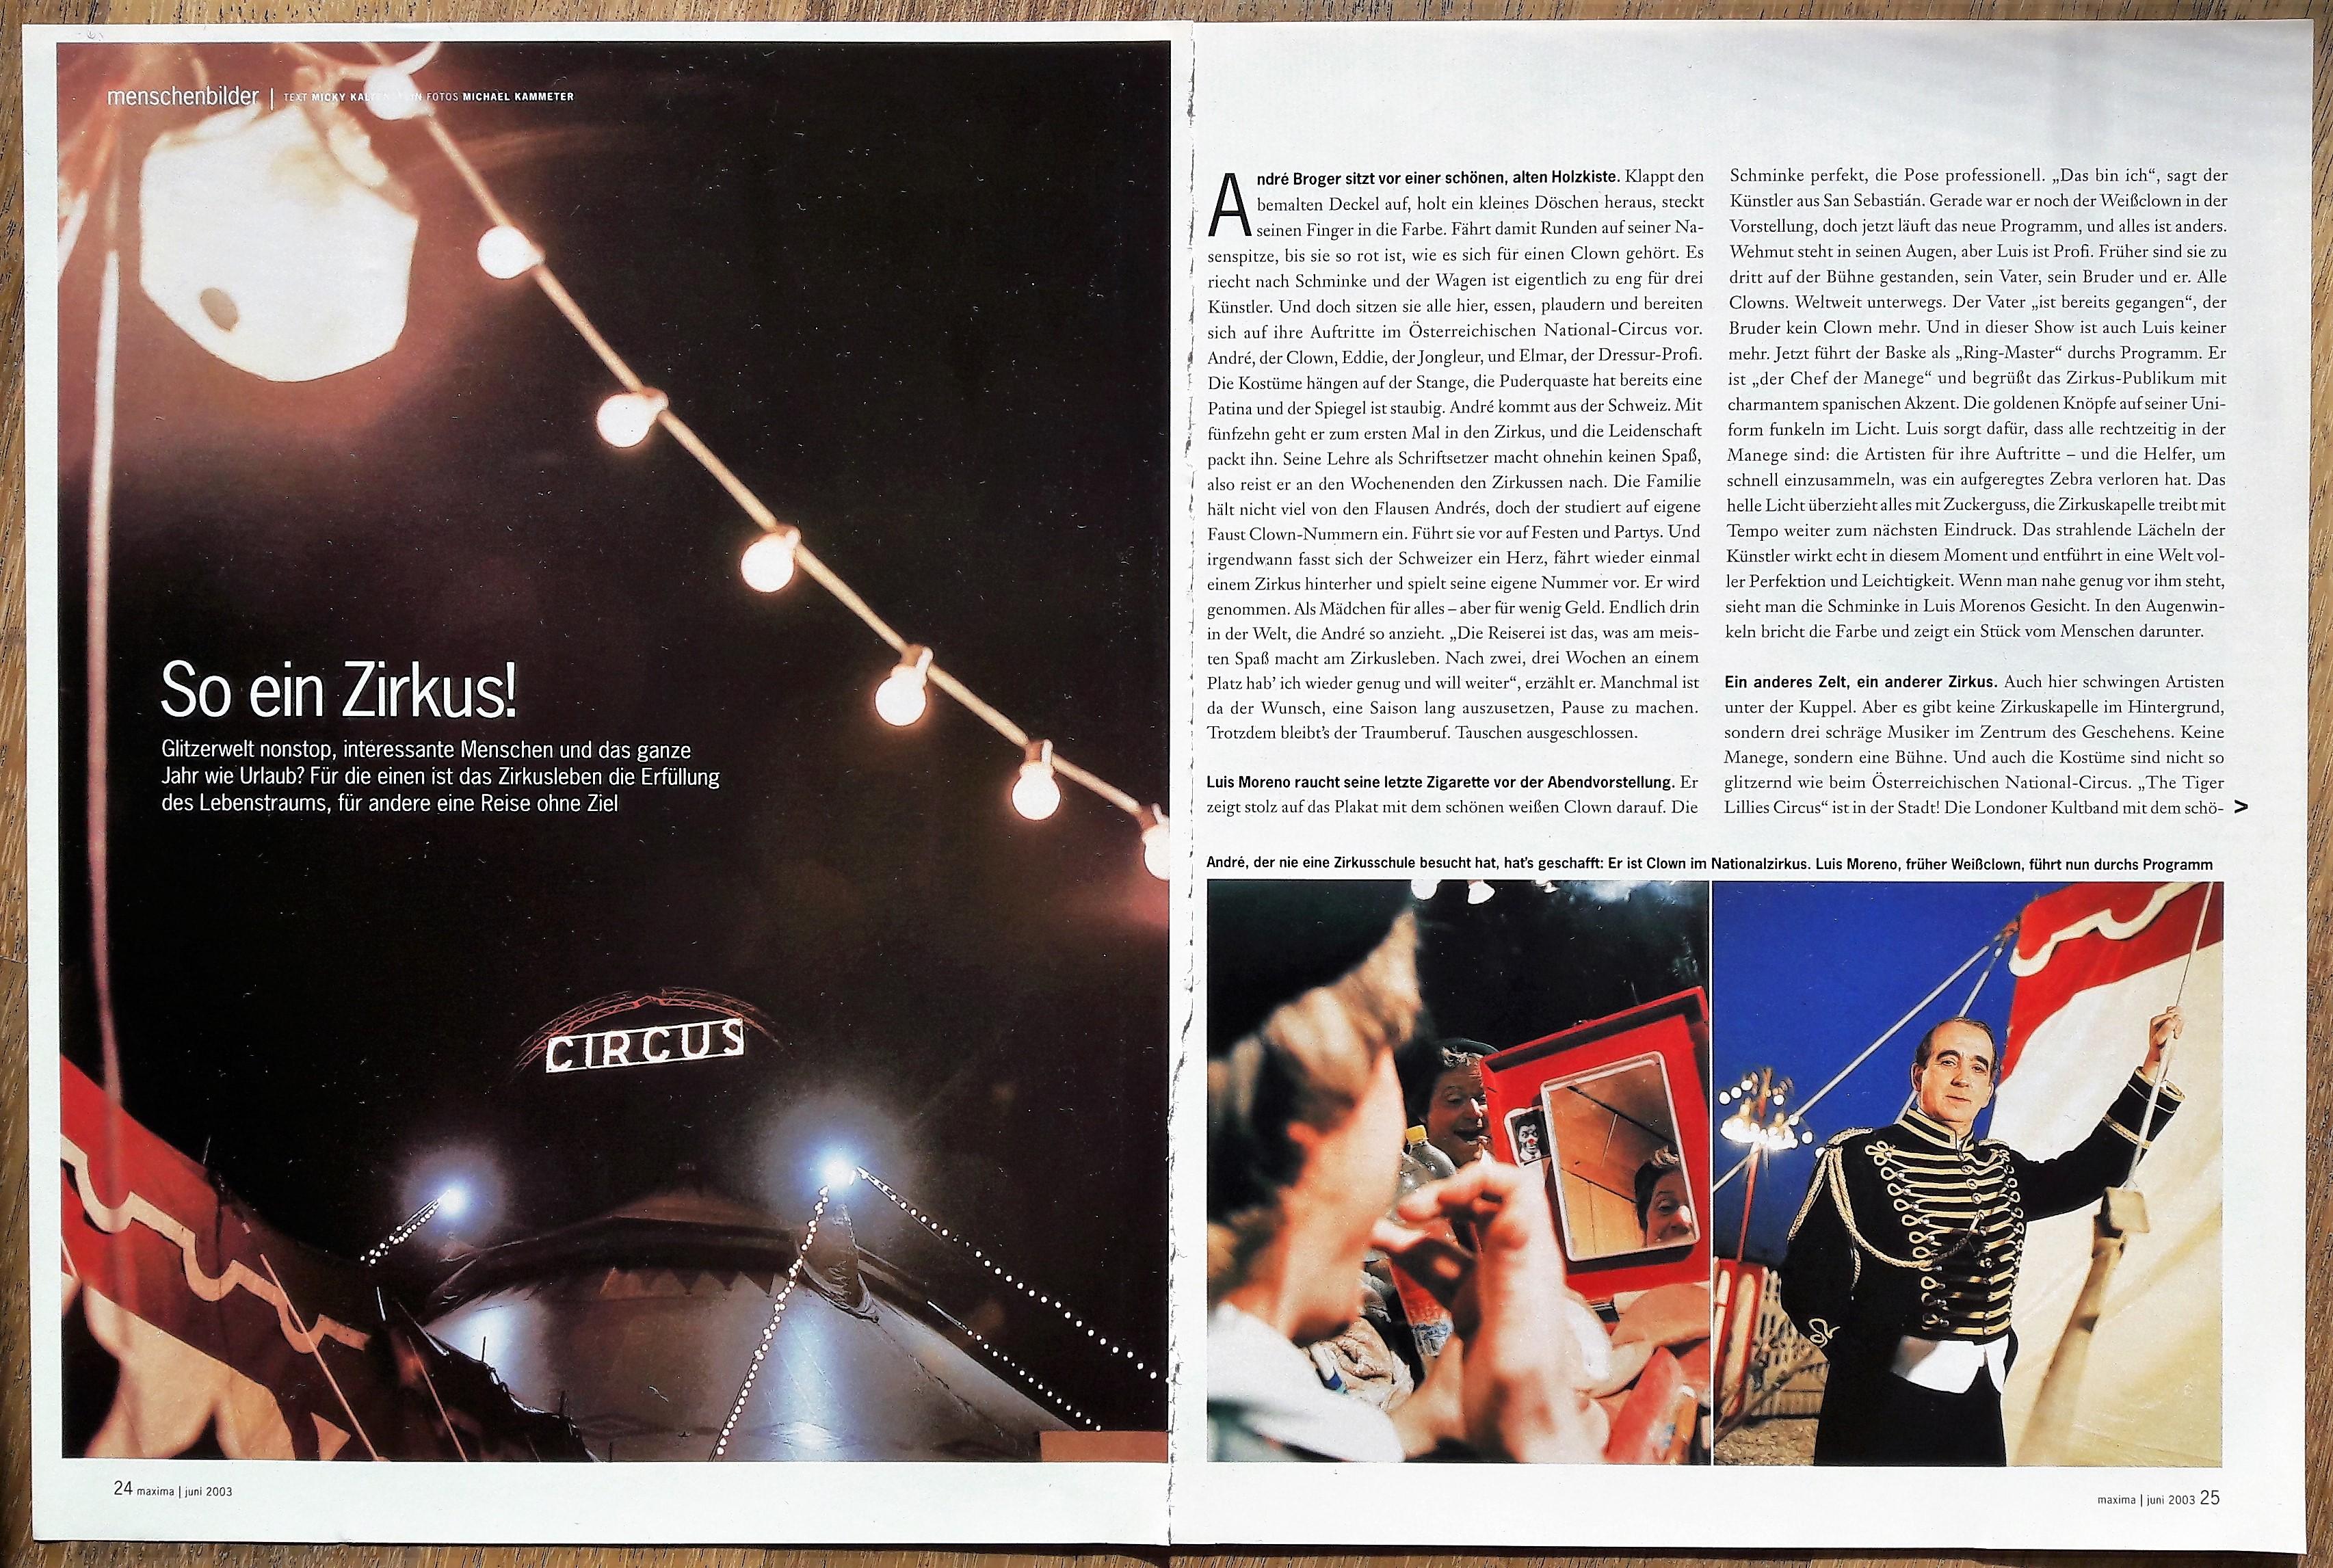 So ein Circus_Reportage Maxima 062003_m kaltenstein_S1